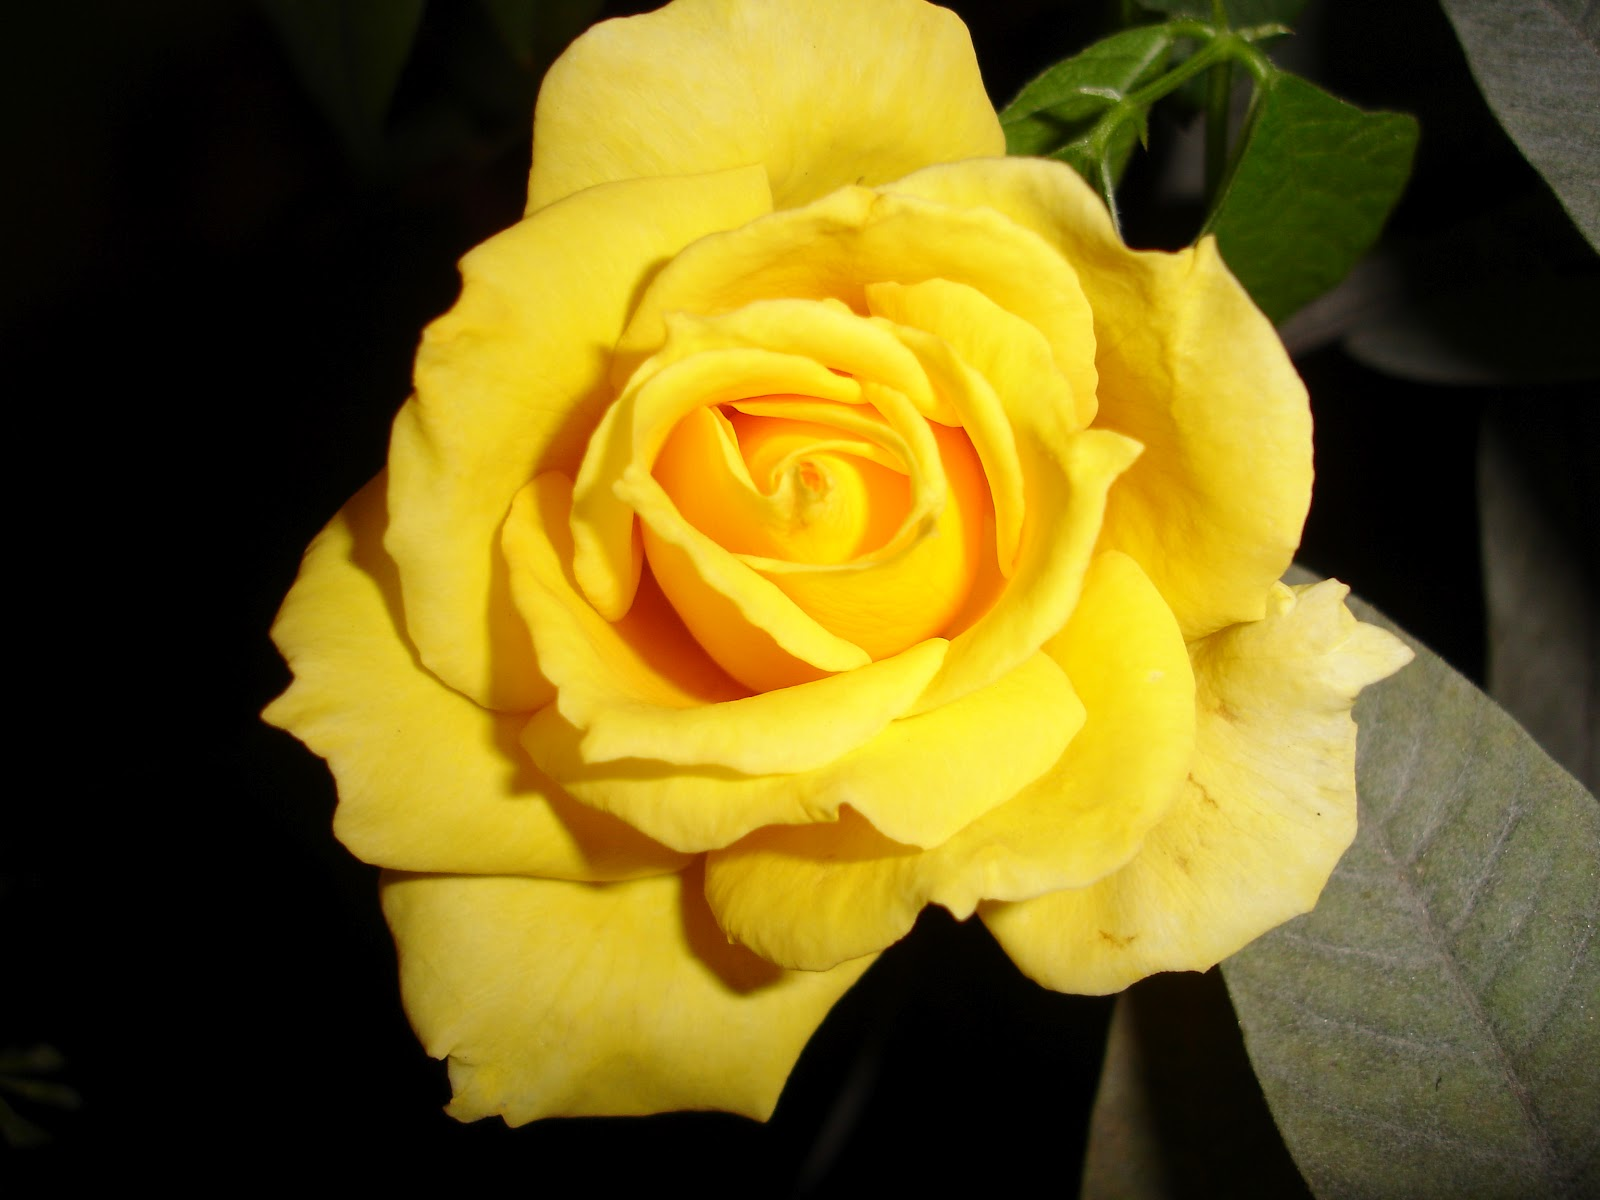 jardim rosas amarelas : jardim rosas amarelas:Que elas iluminem nosso andar, dia e noite.